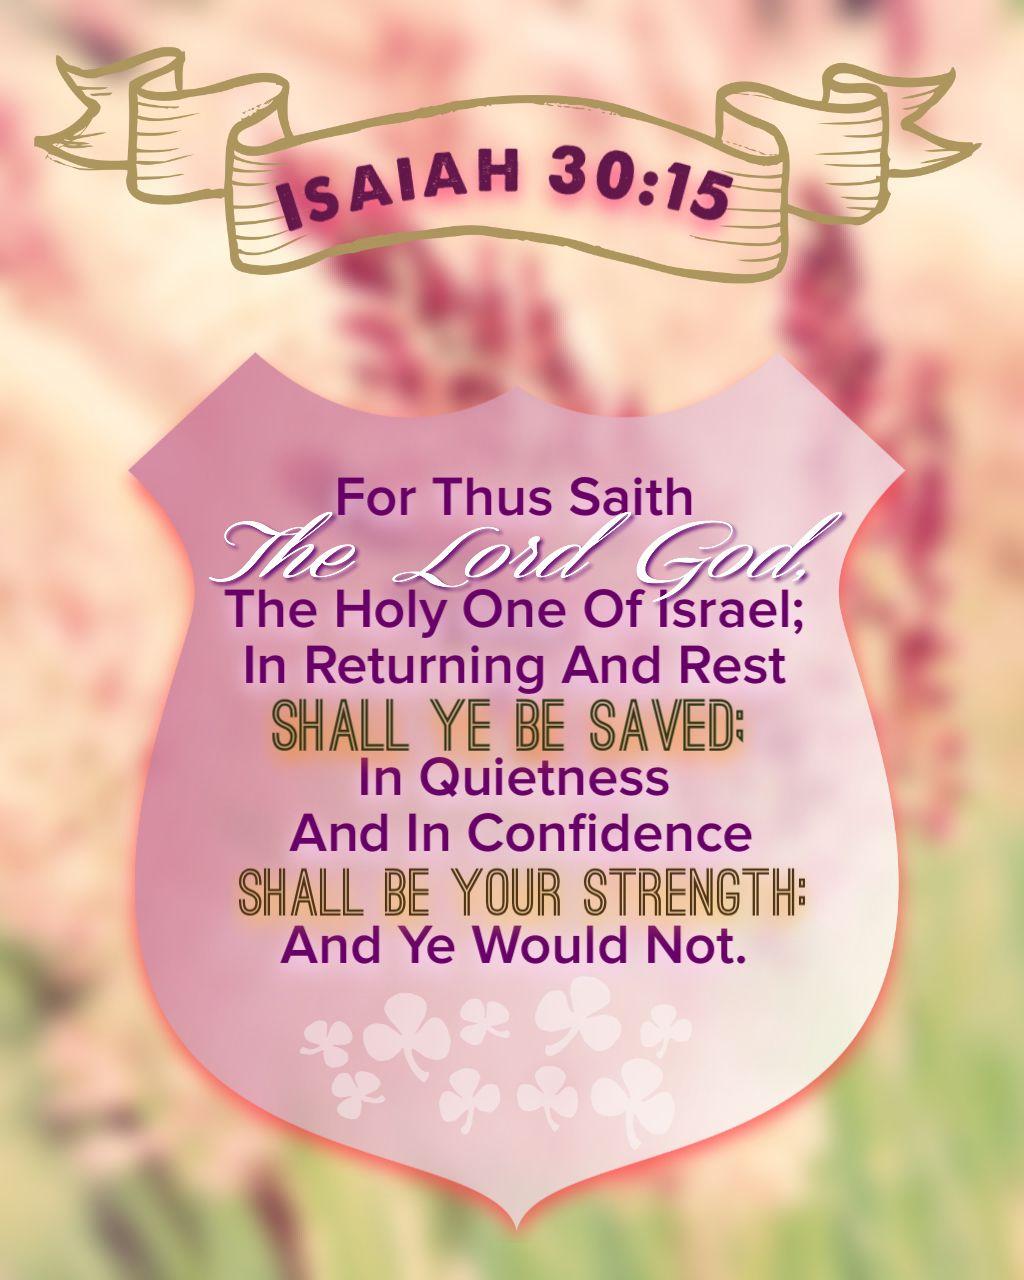 Isaiah 30:15 KJV | Isaiah bible, Healing verses, Isaiah 30 15